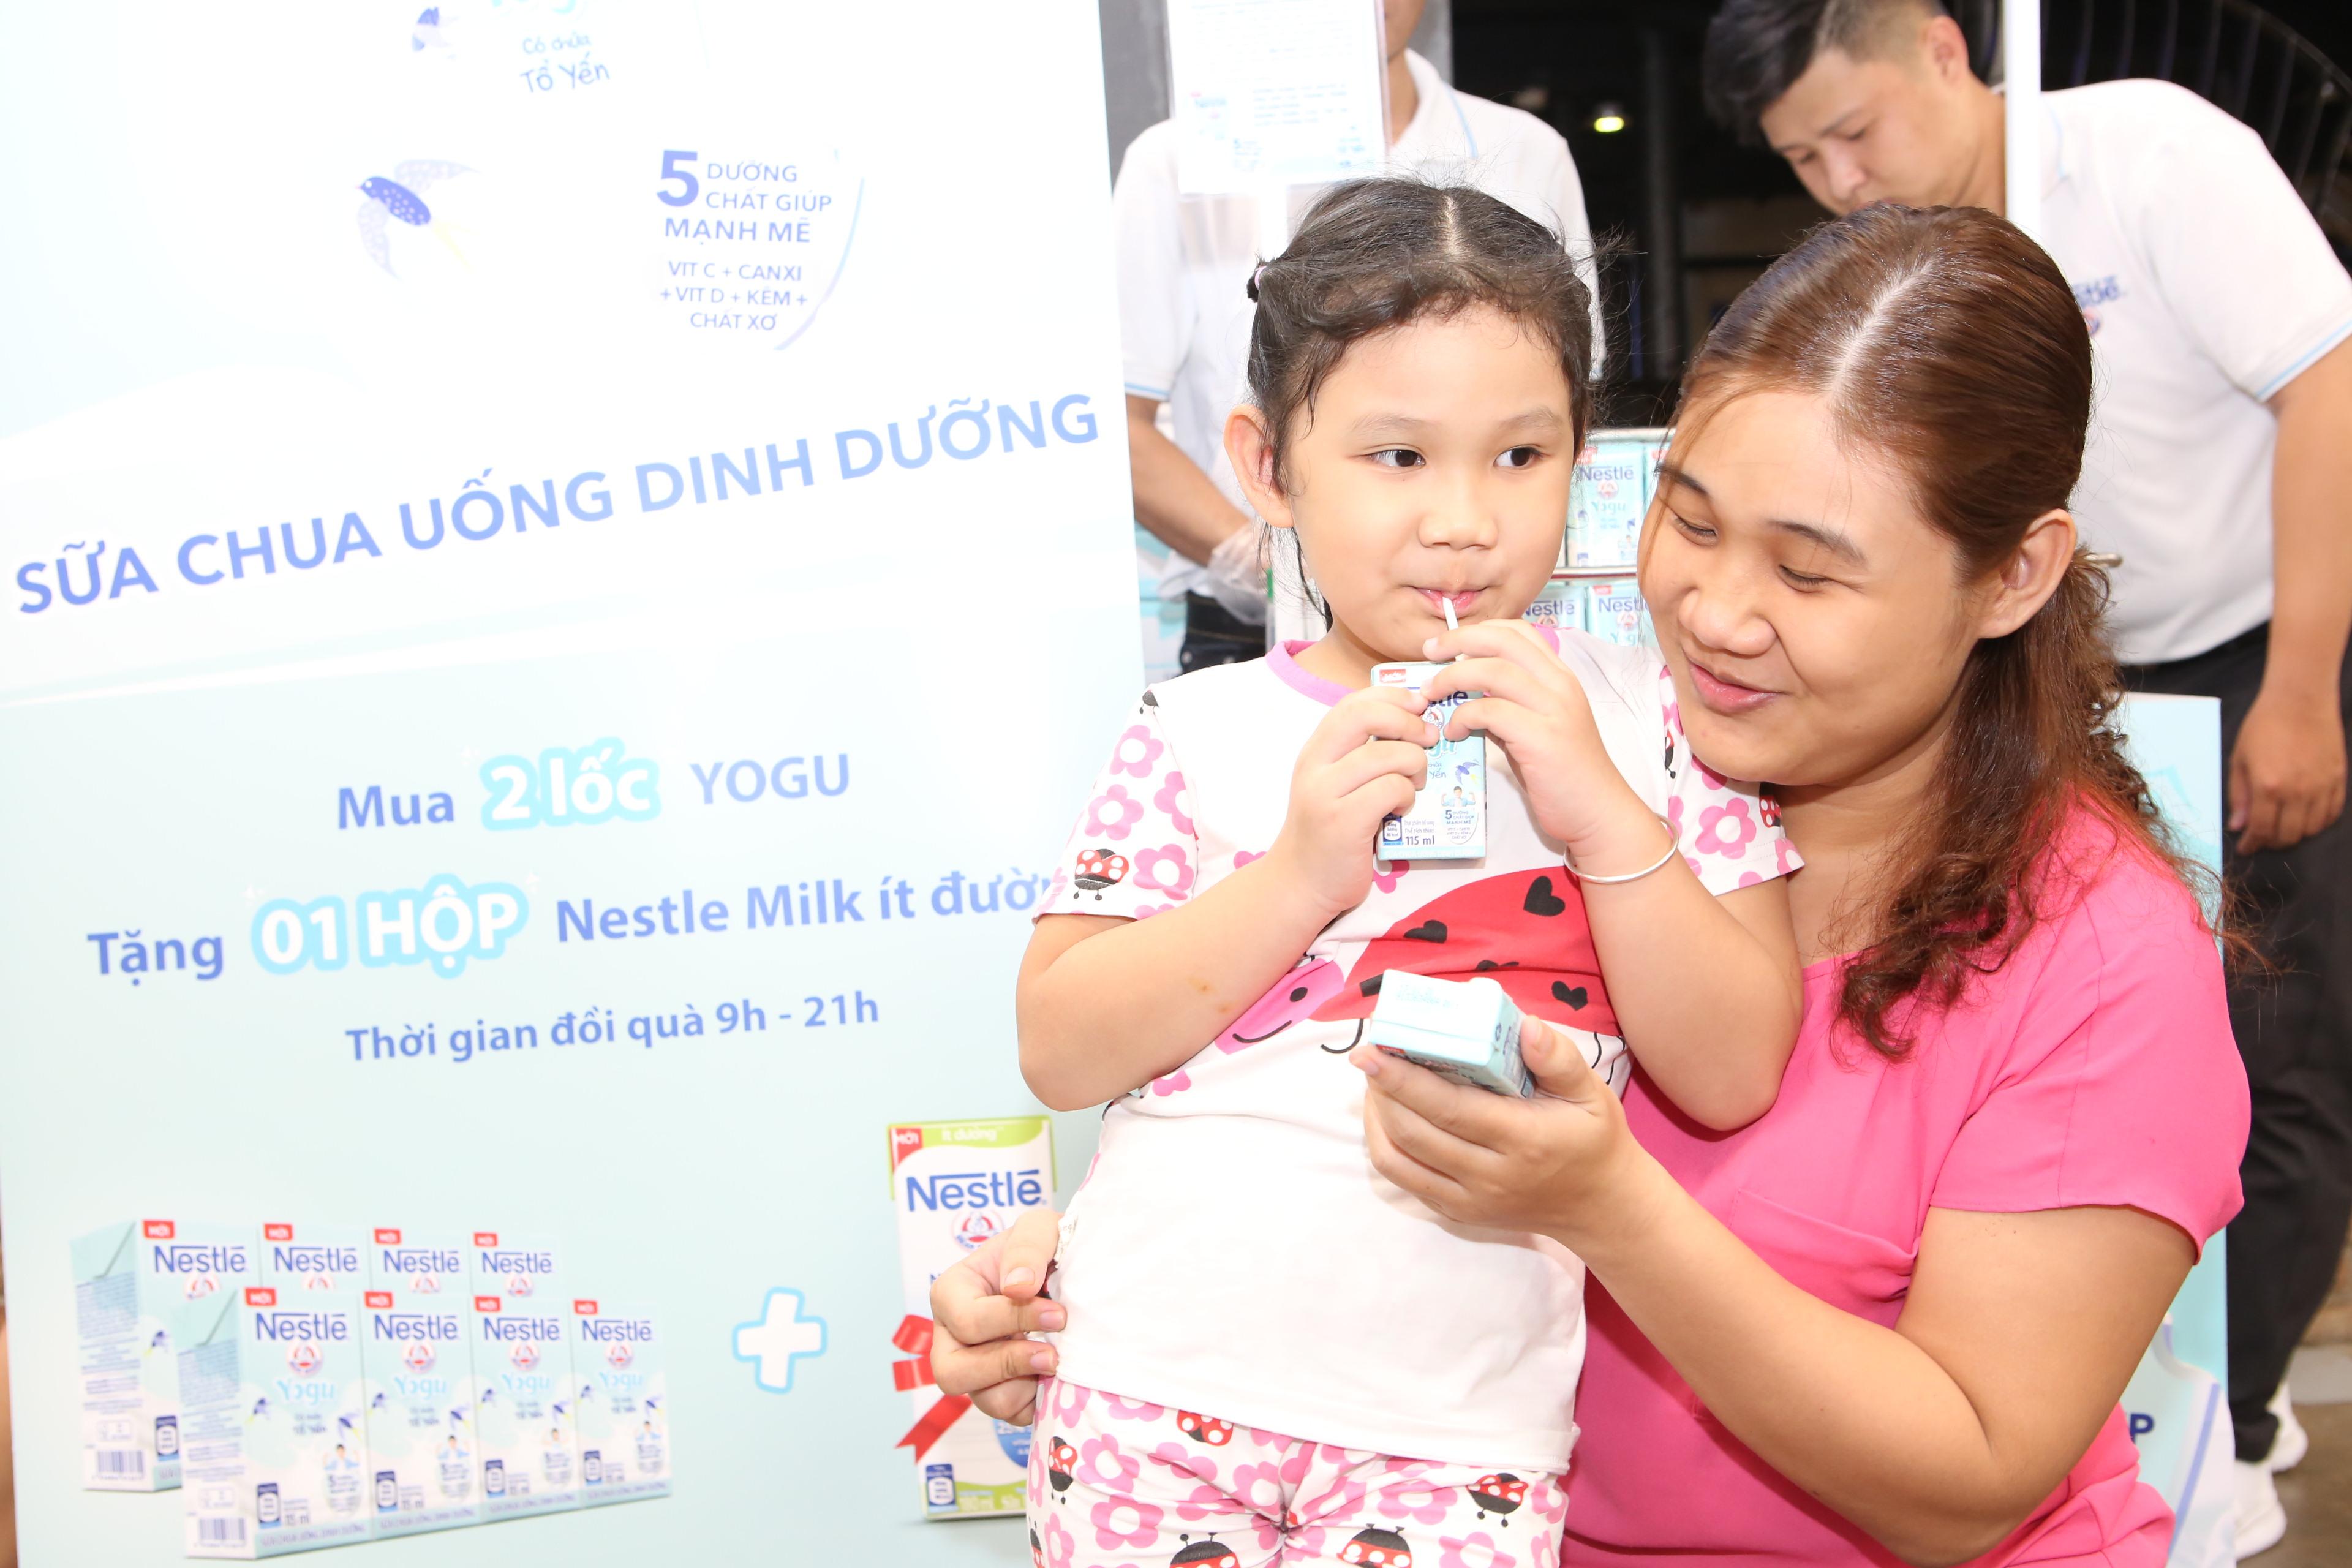 Sữa chua uống dinh dưỡng Nestlé YOGU có chứa tổ yến & Sữa NESVITA 5 Loại Đậu - Ảnh 1